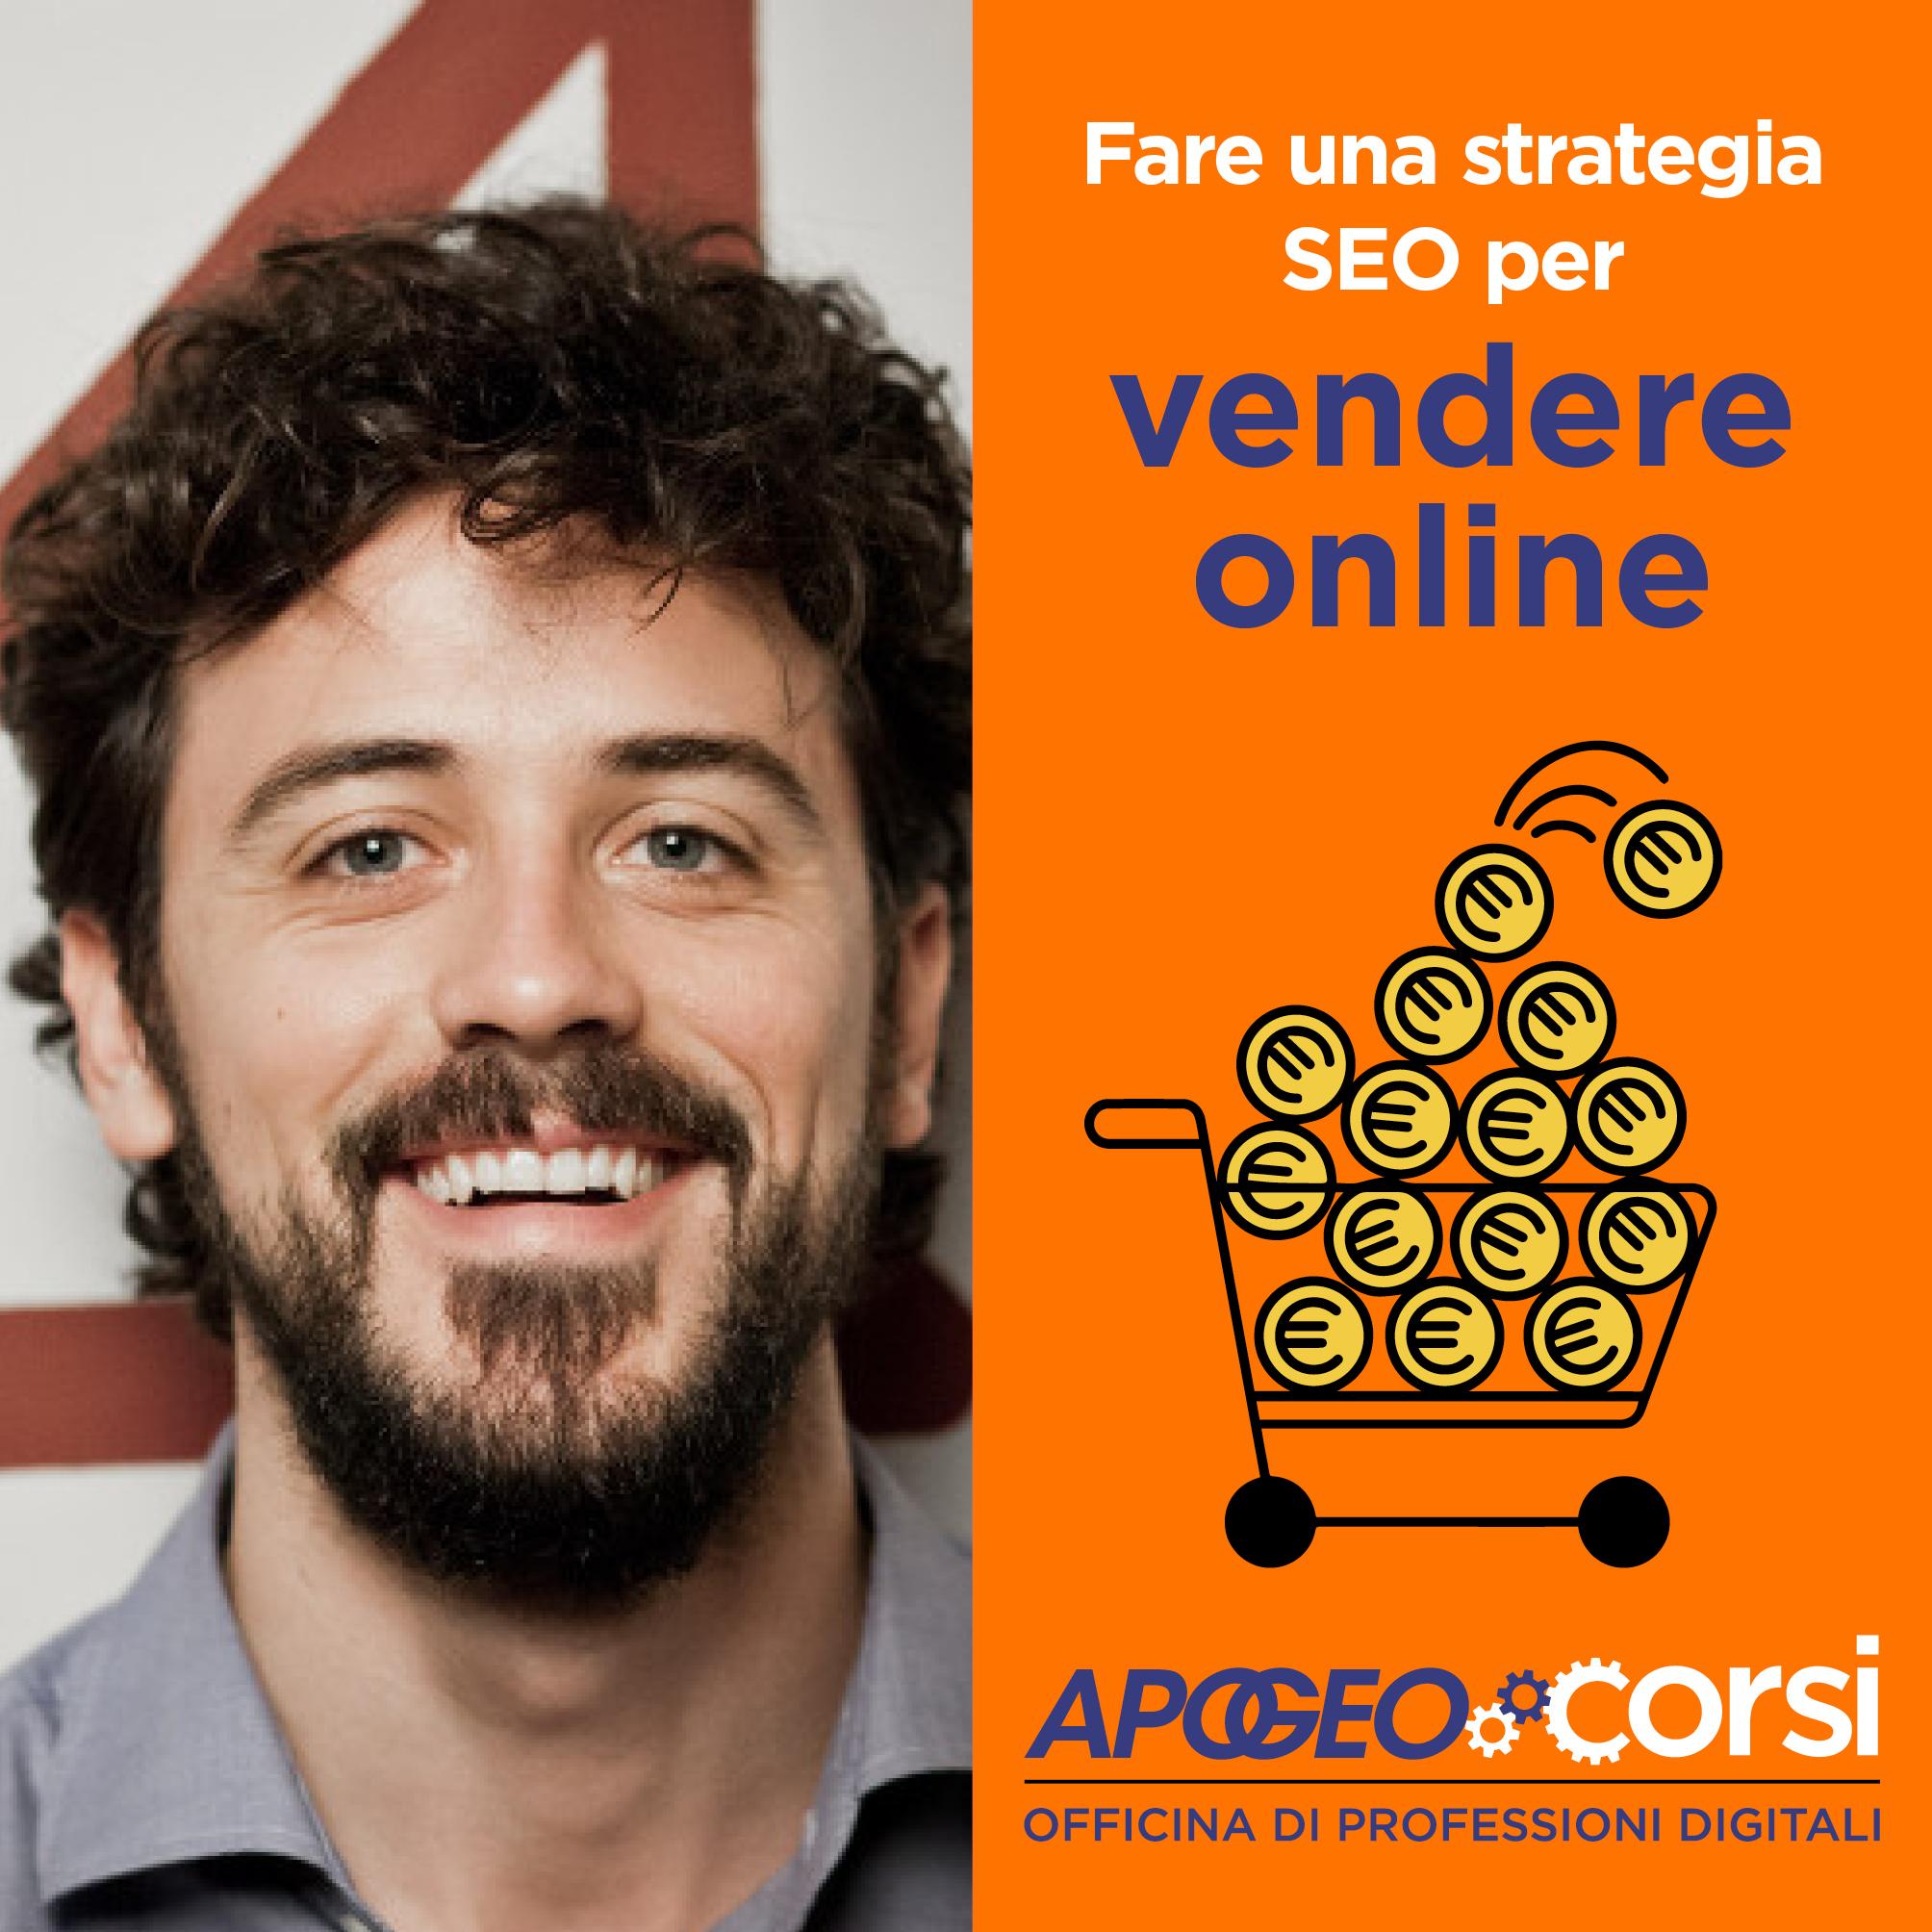 Fare_una_strategia_SEO_per_vendere_online-home